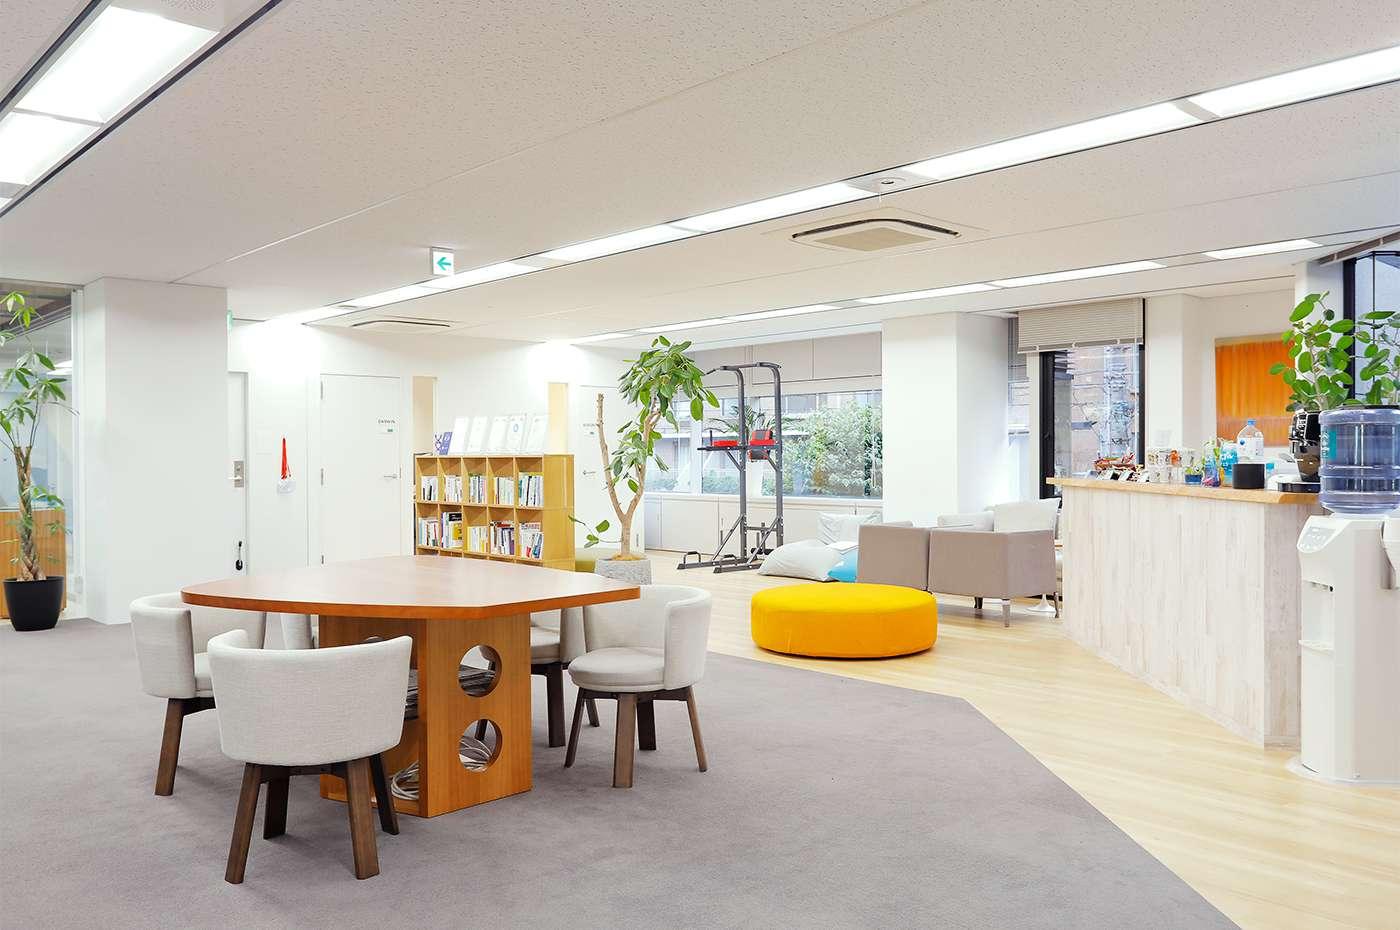 Kyashオフィス ミーティングスペース